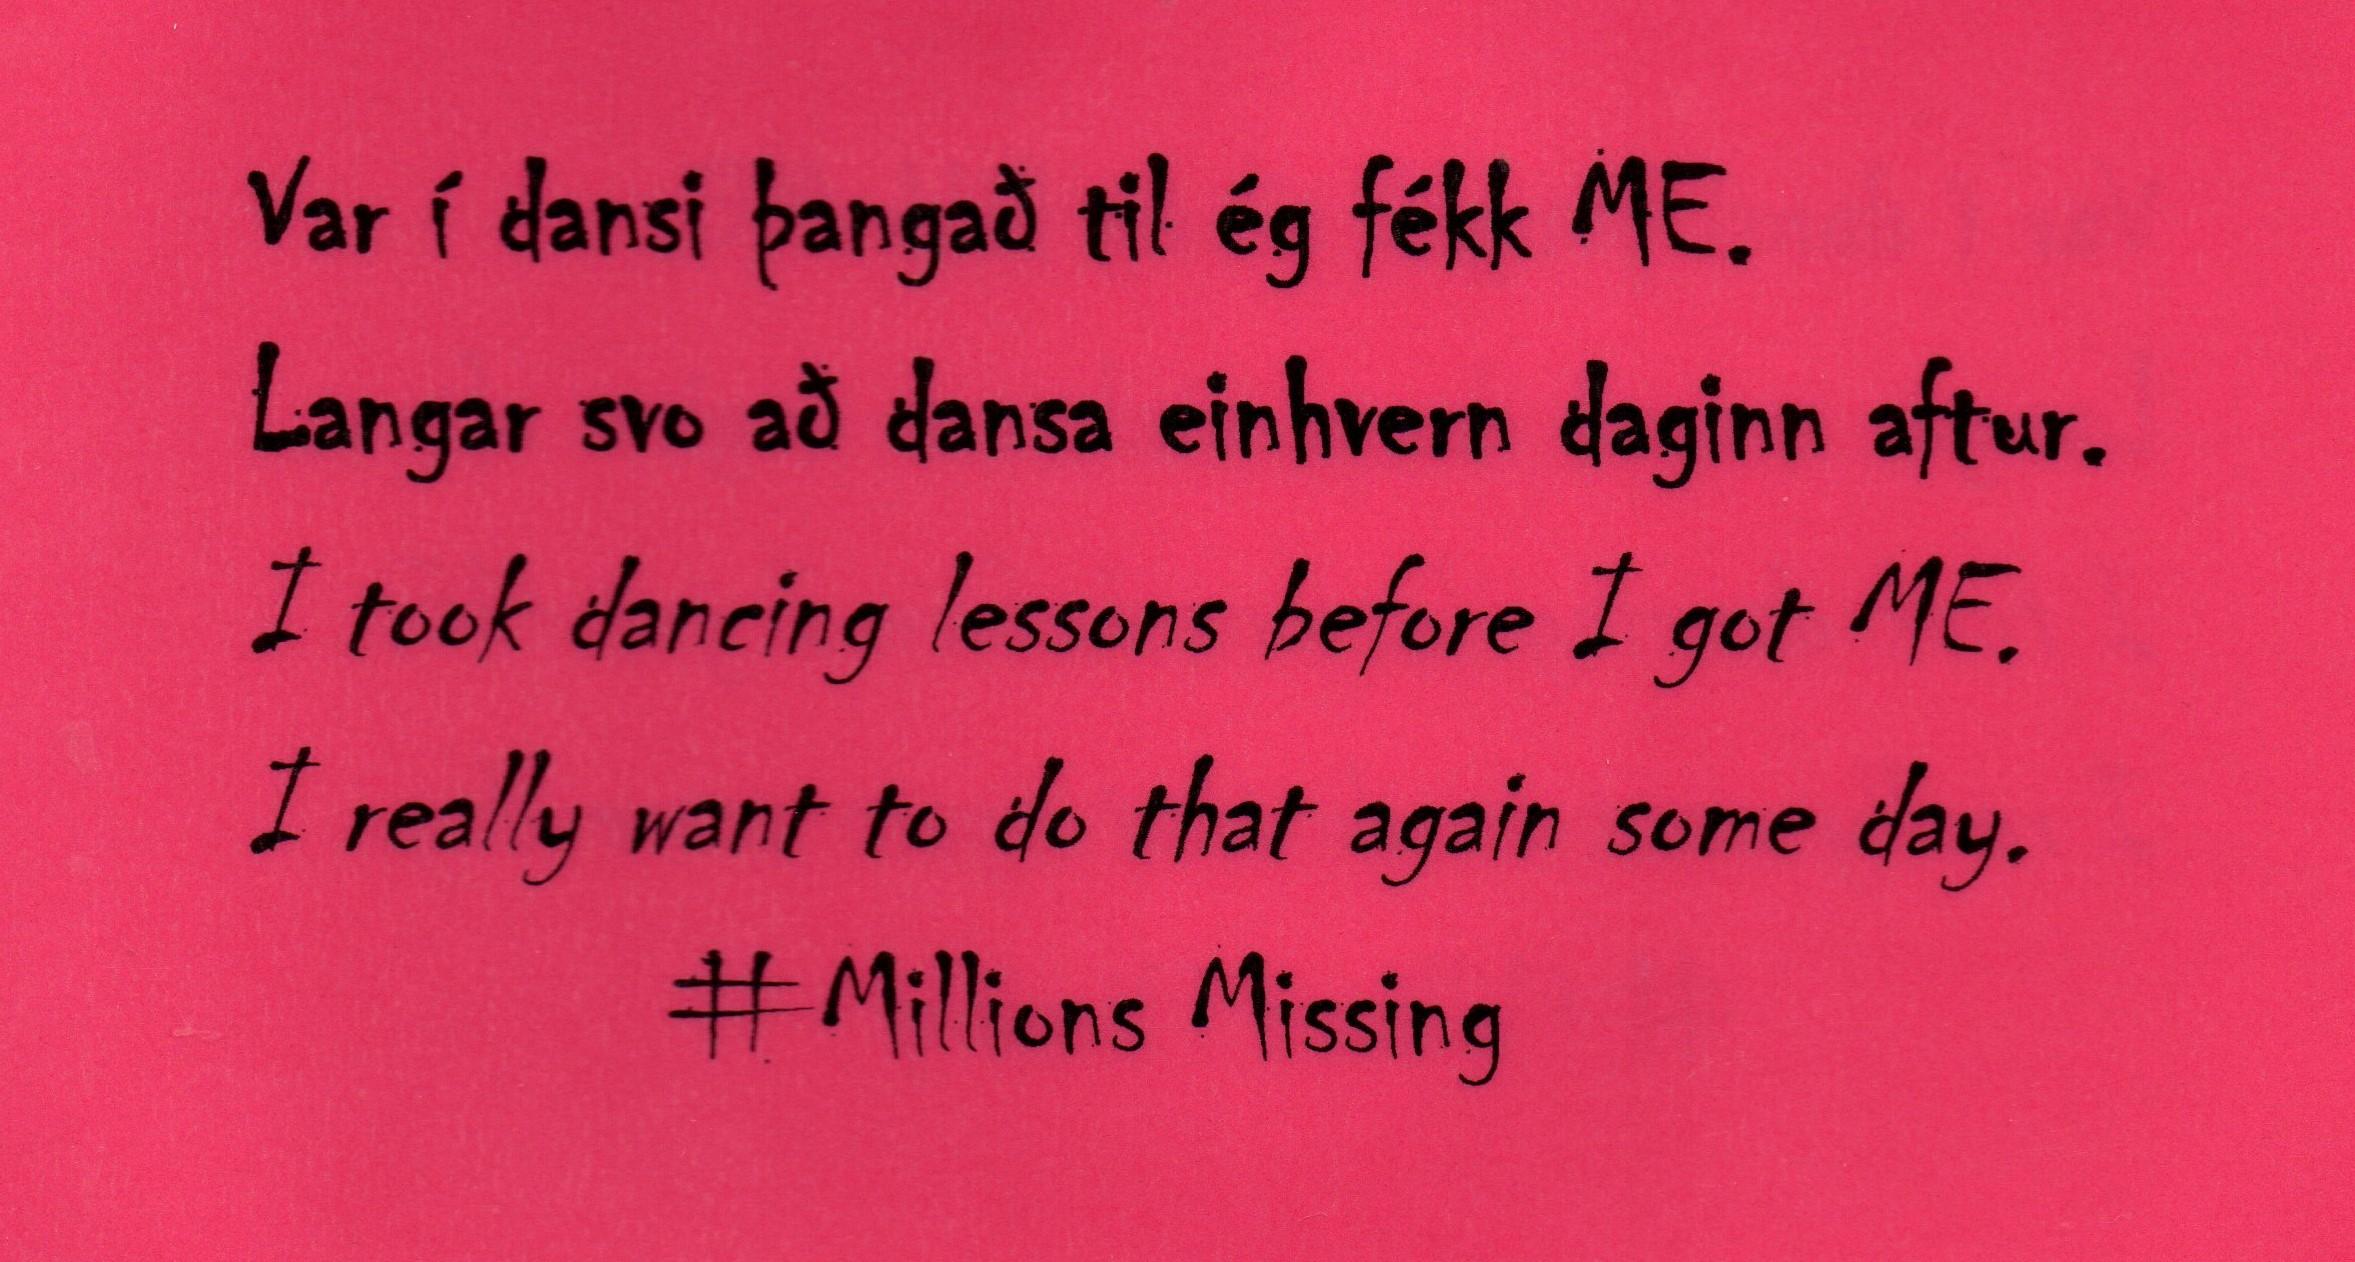 MM_var_í_dansi